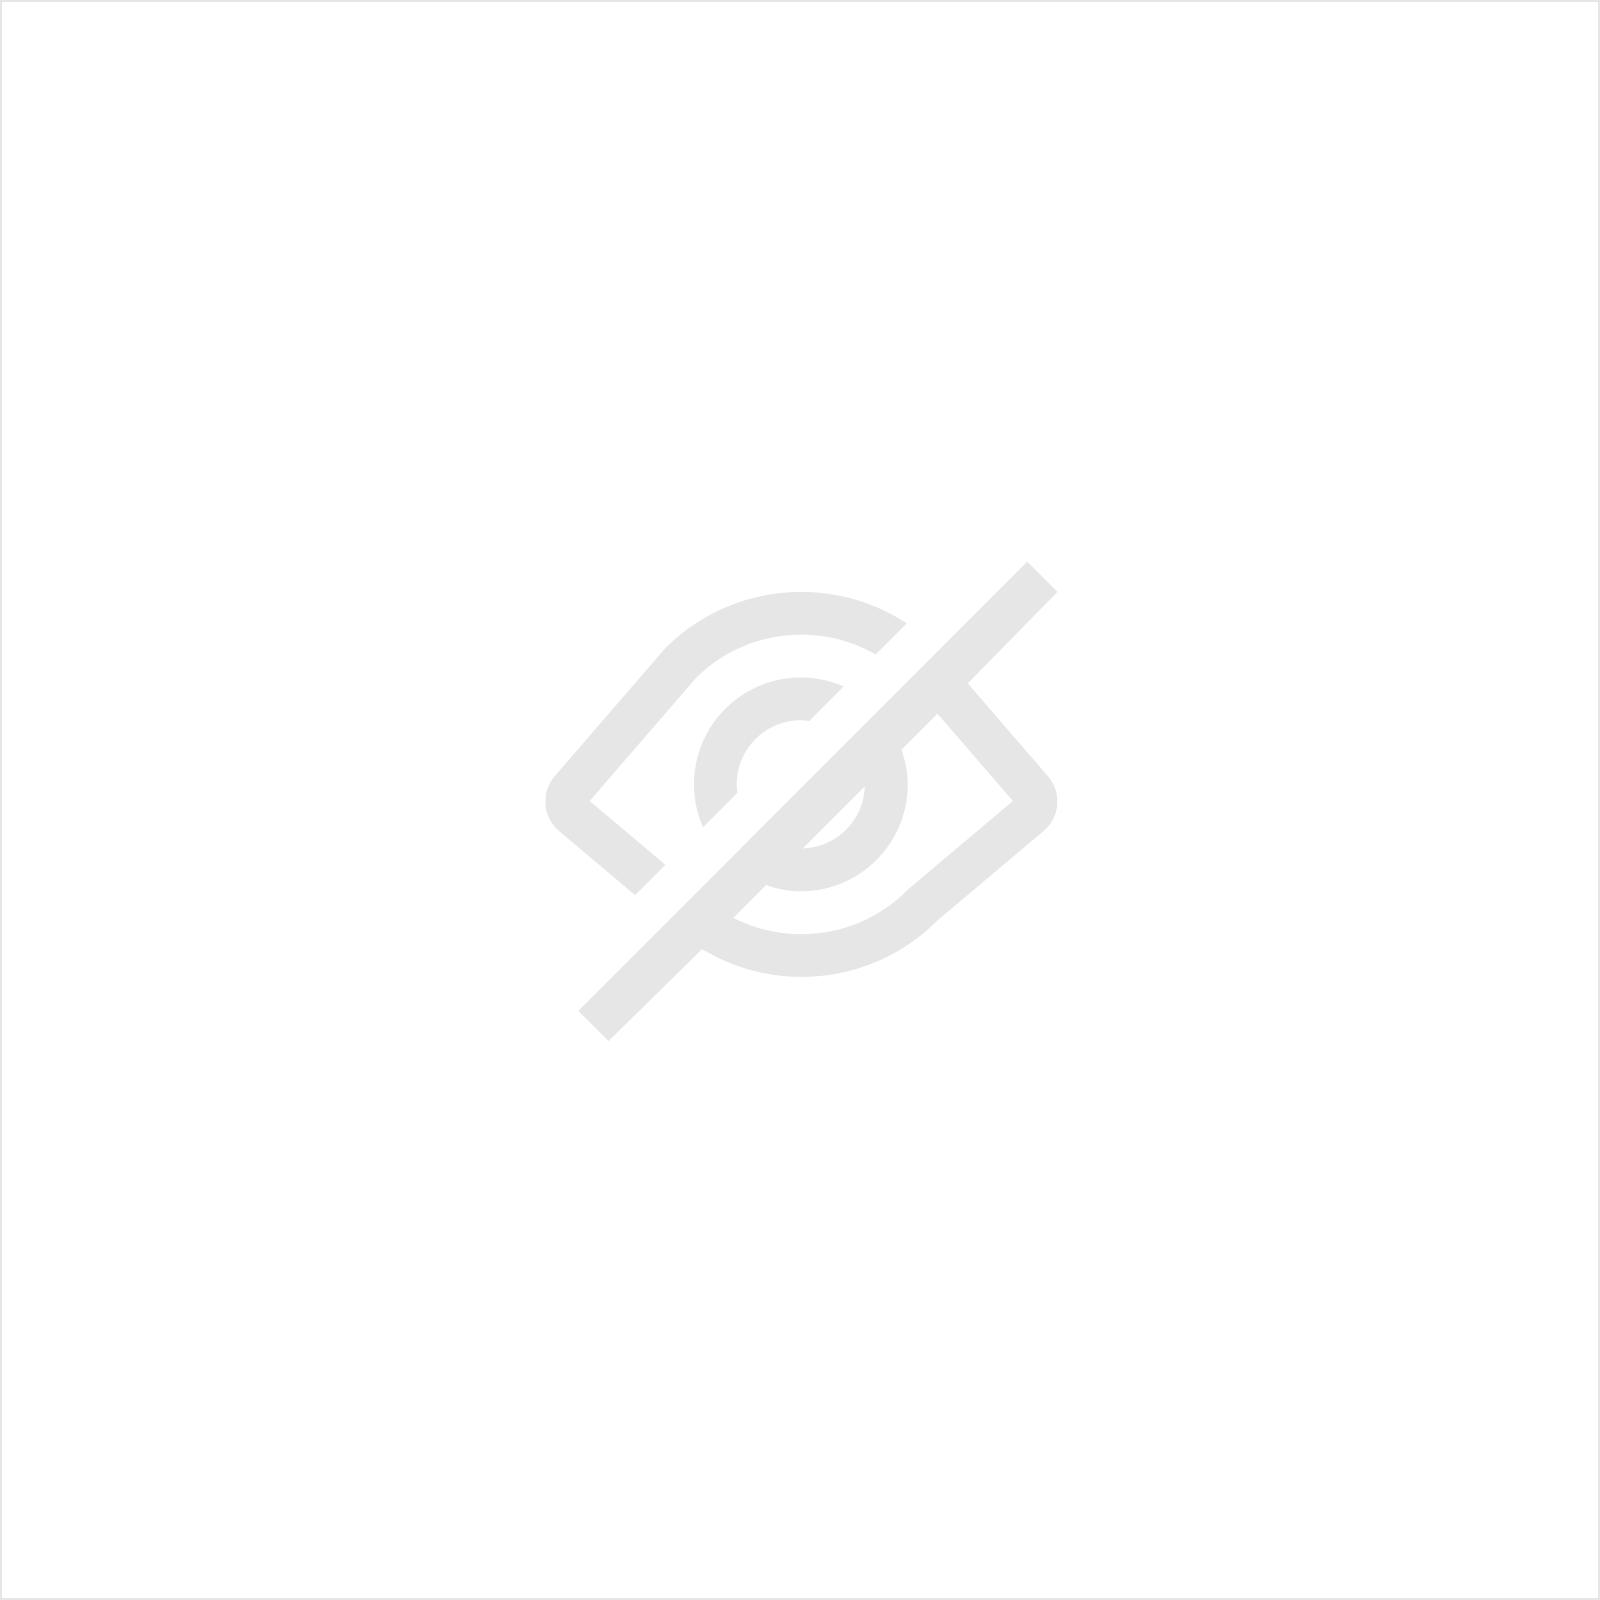 GEREEDSCHAPSCOMBI TOTAAL 17 LADEN + ZIJKAST